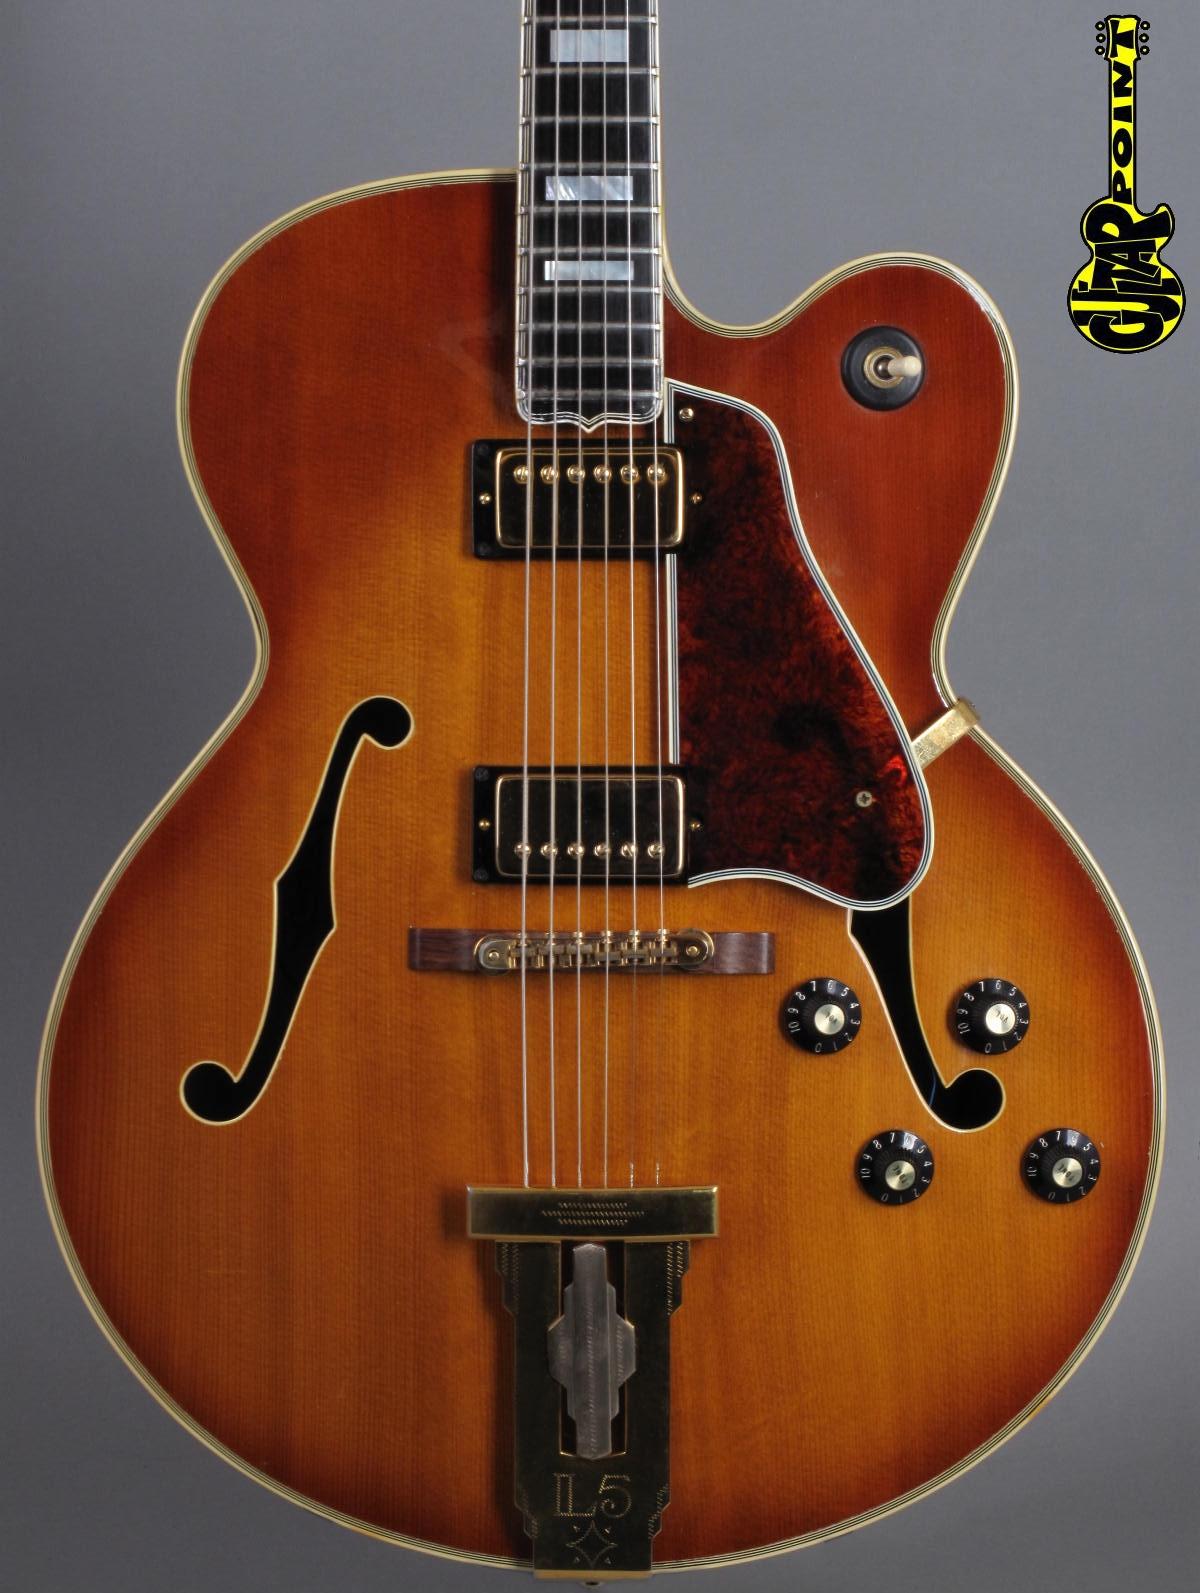 1973 Gibson L5 CES - Sunburst